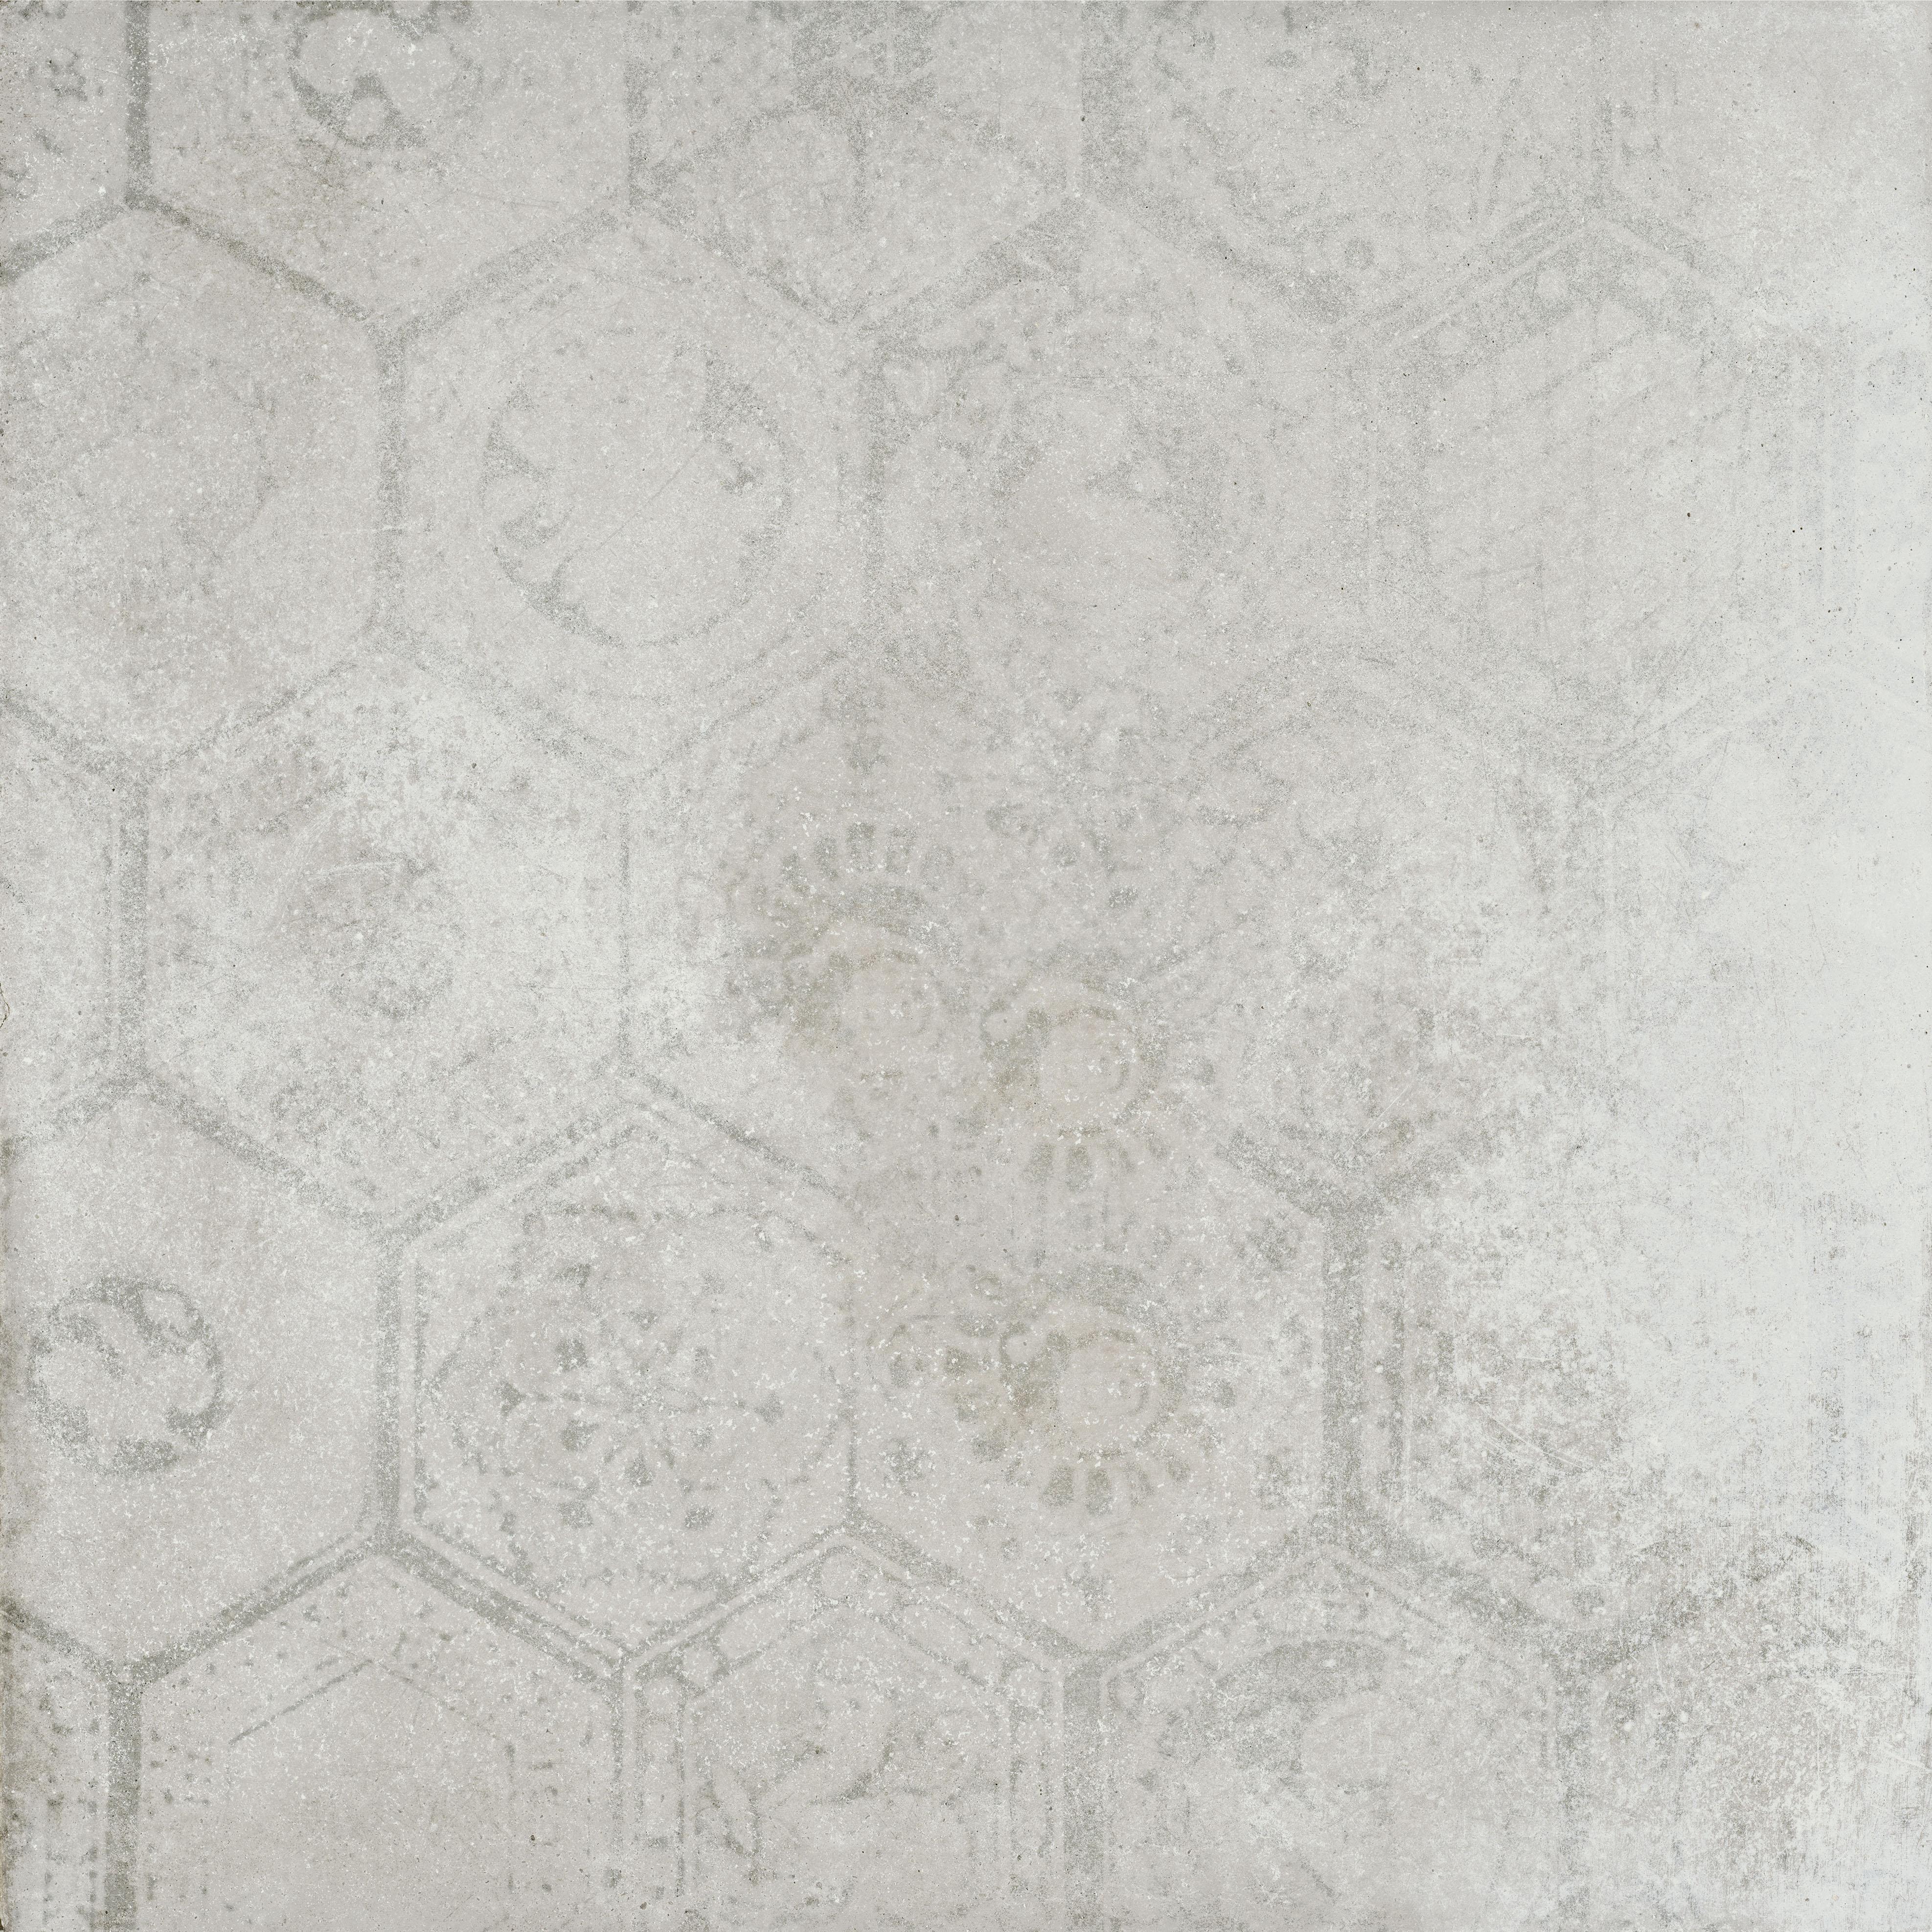 Hexagon Soft Silver